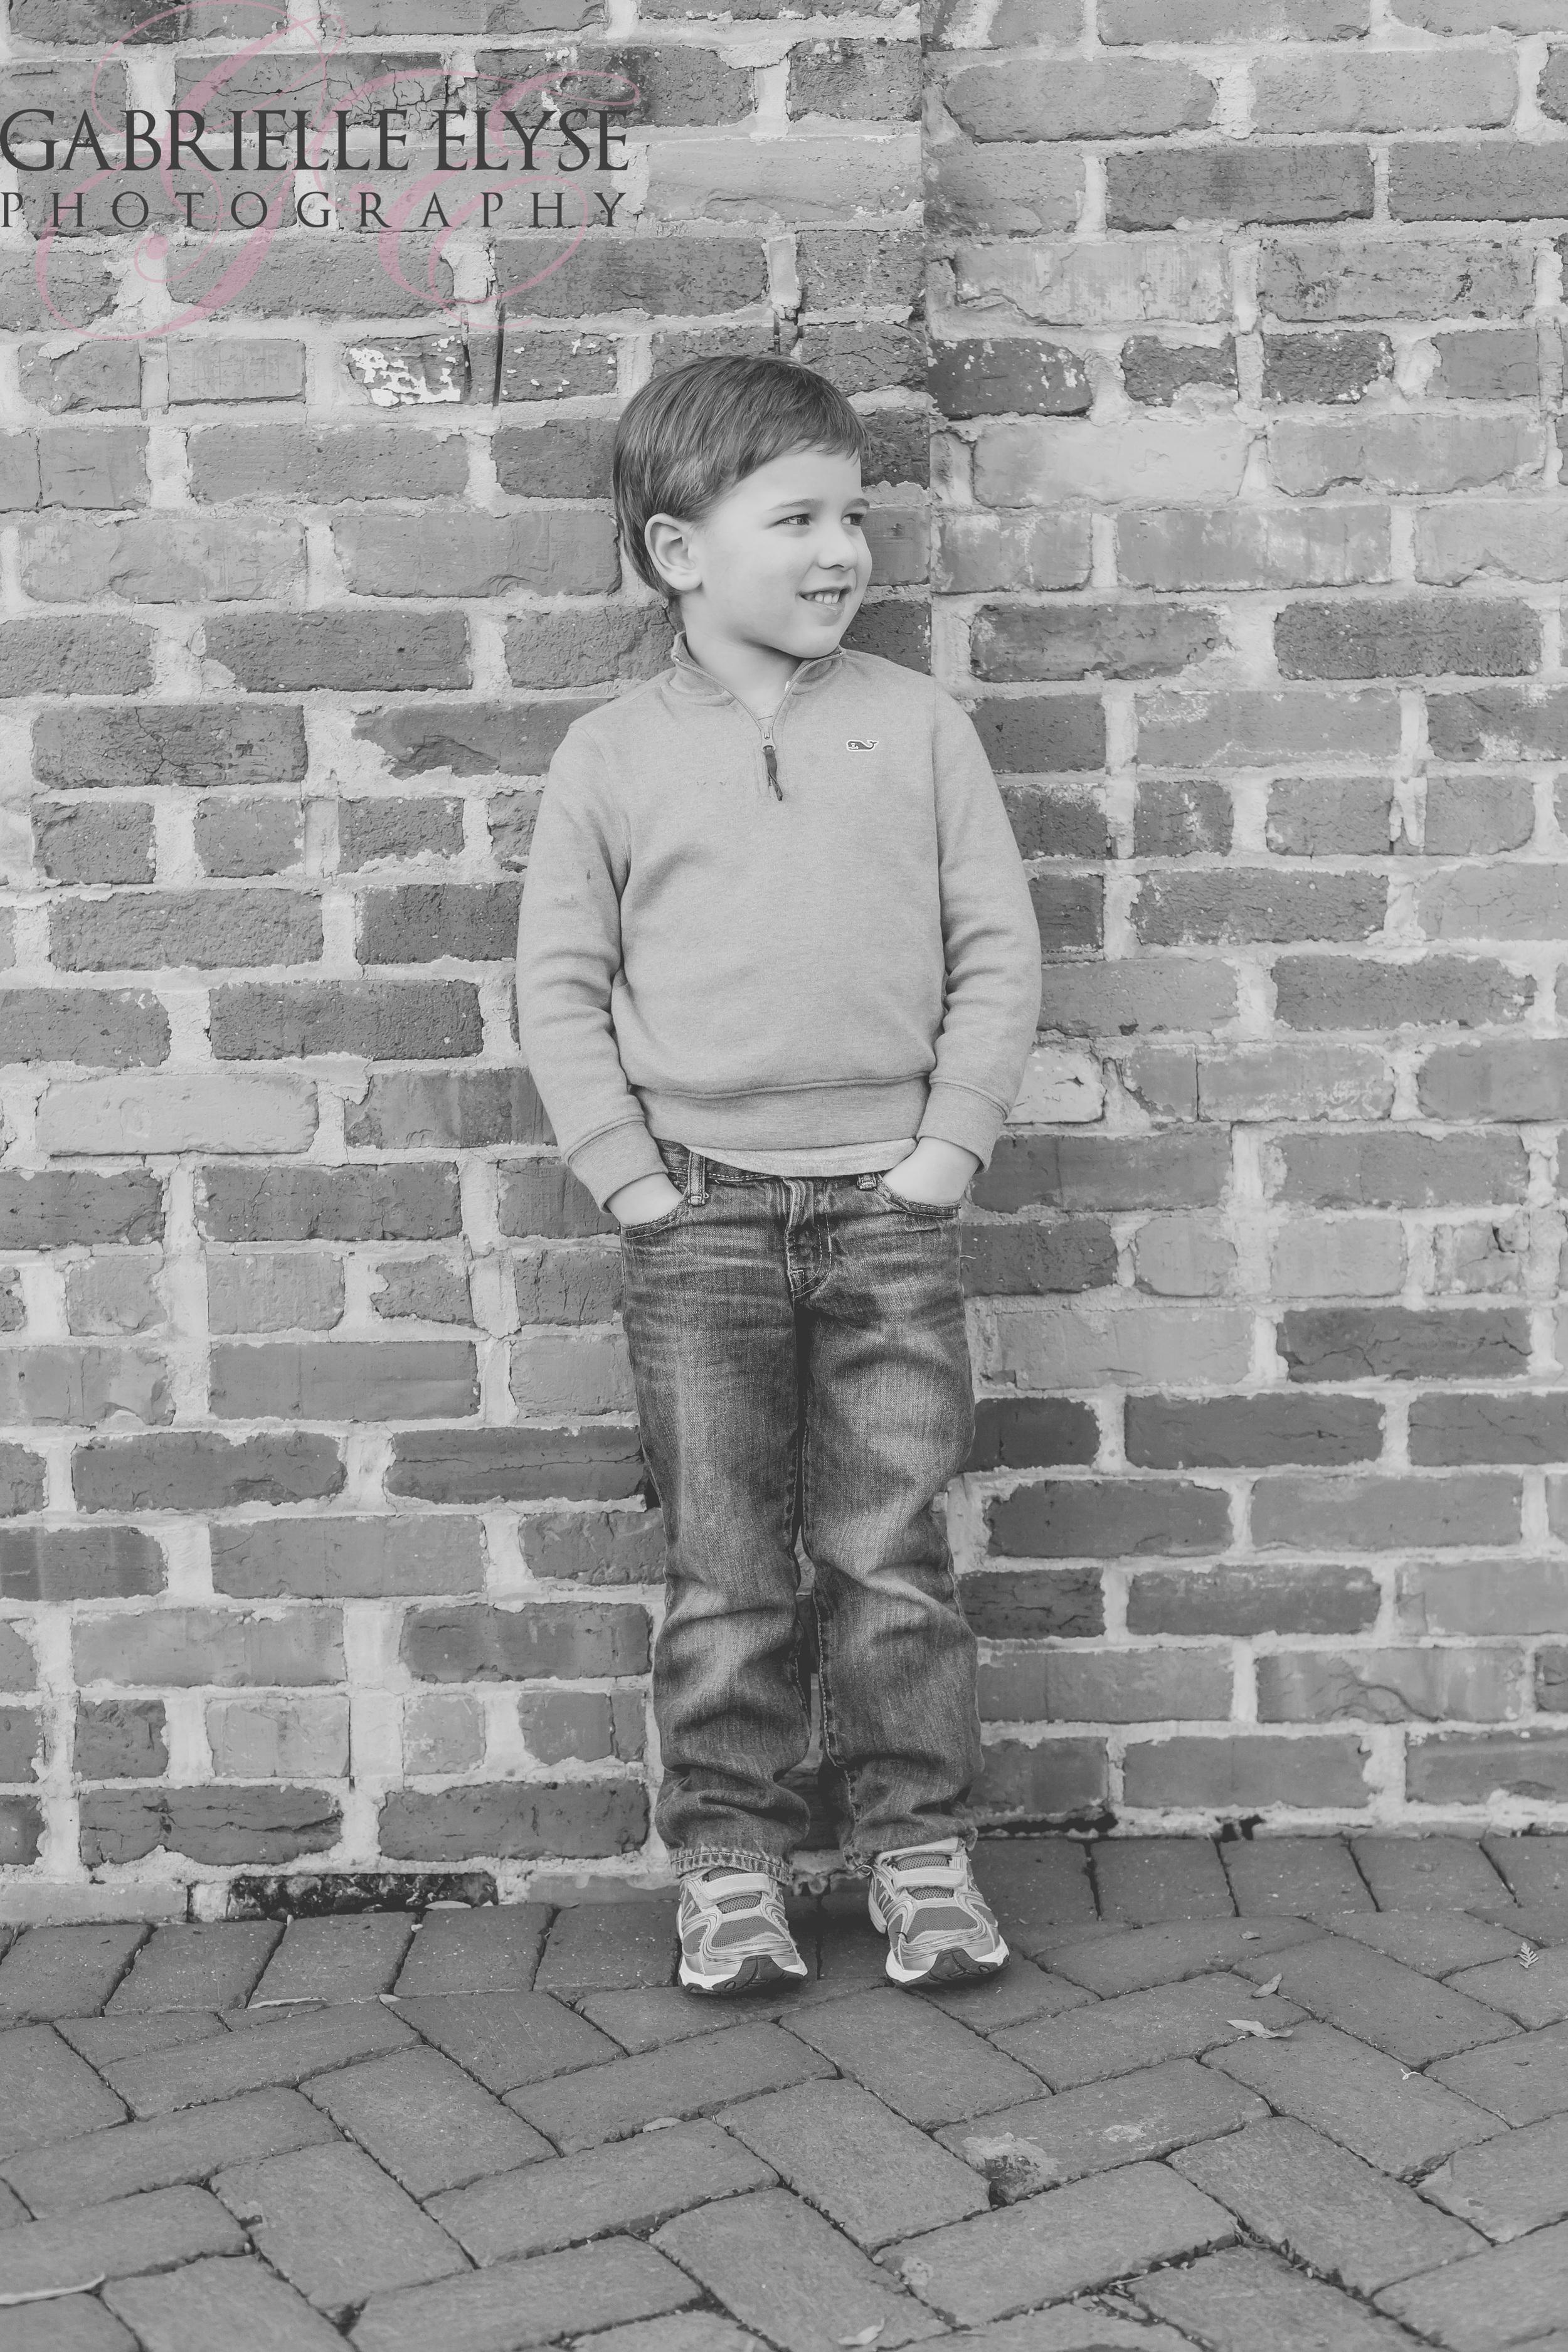 durham boy brick wall